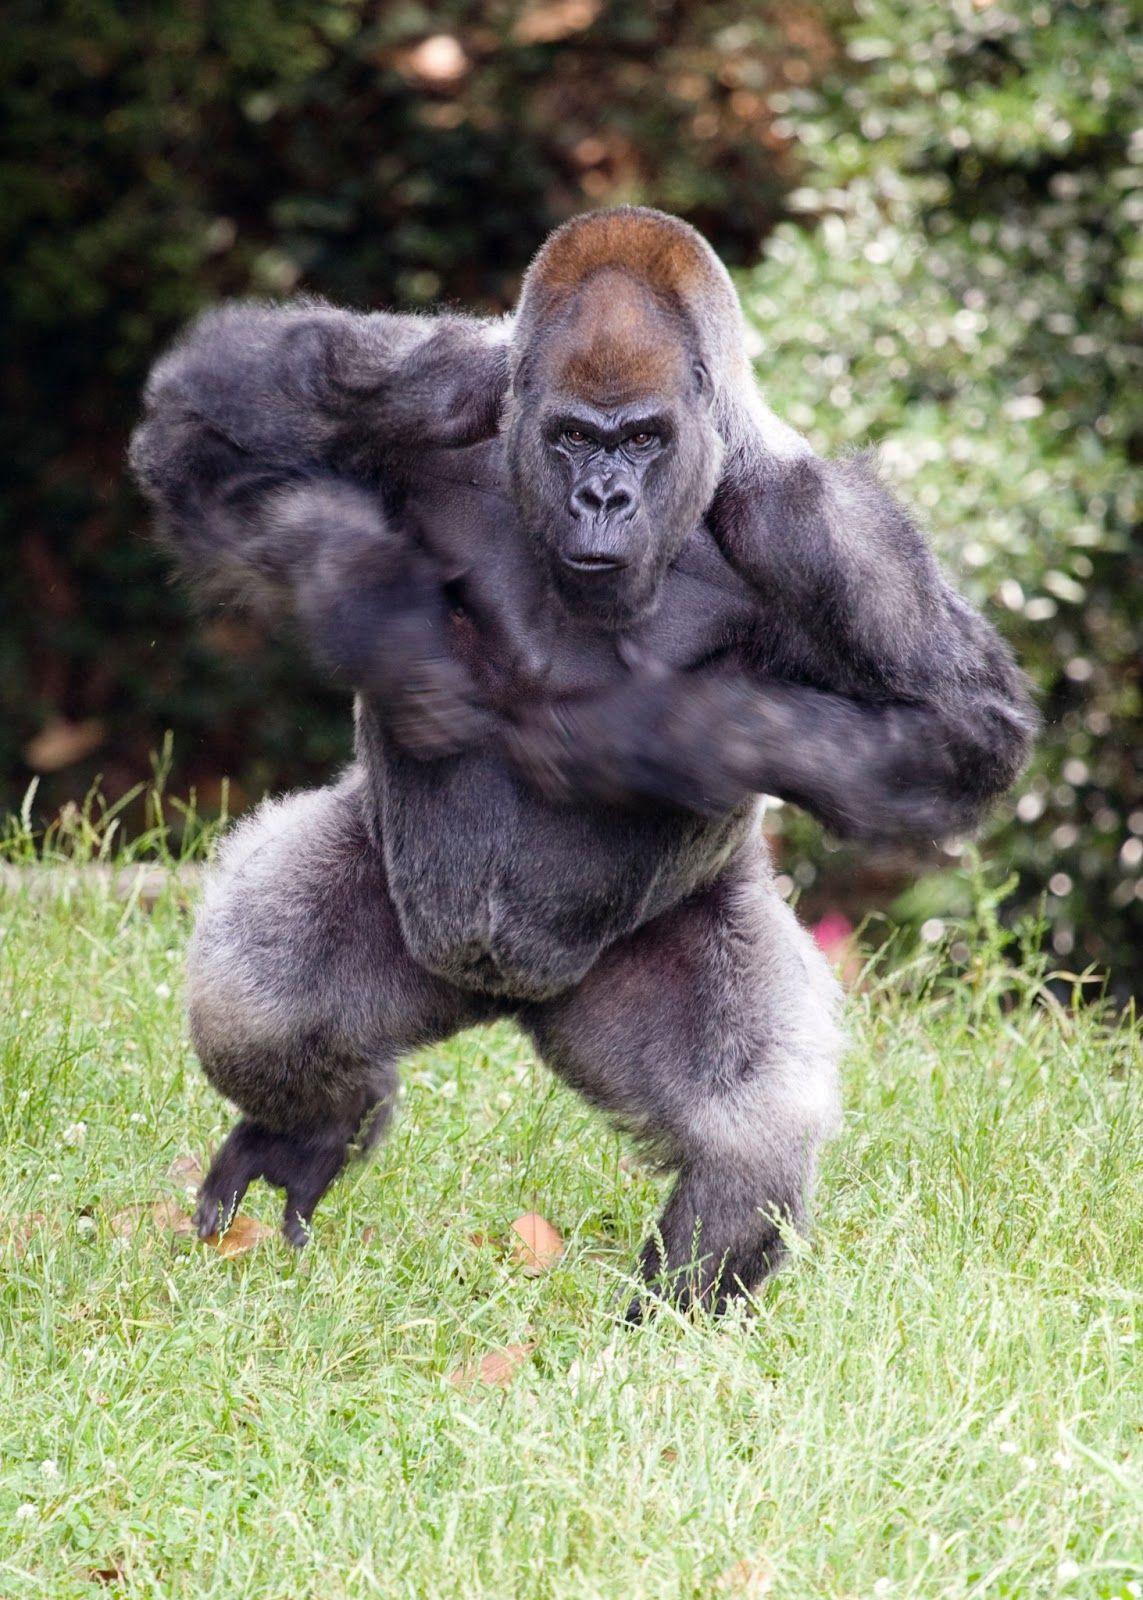 Silverback gorilla chest